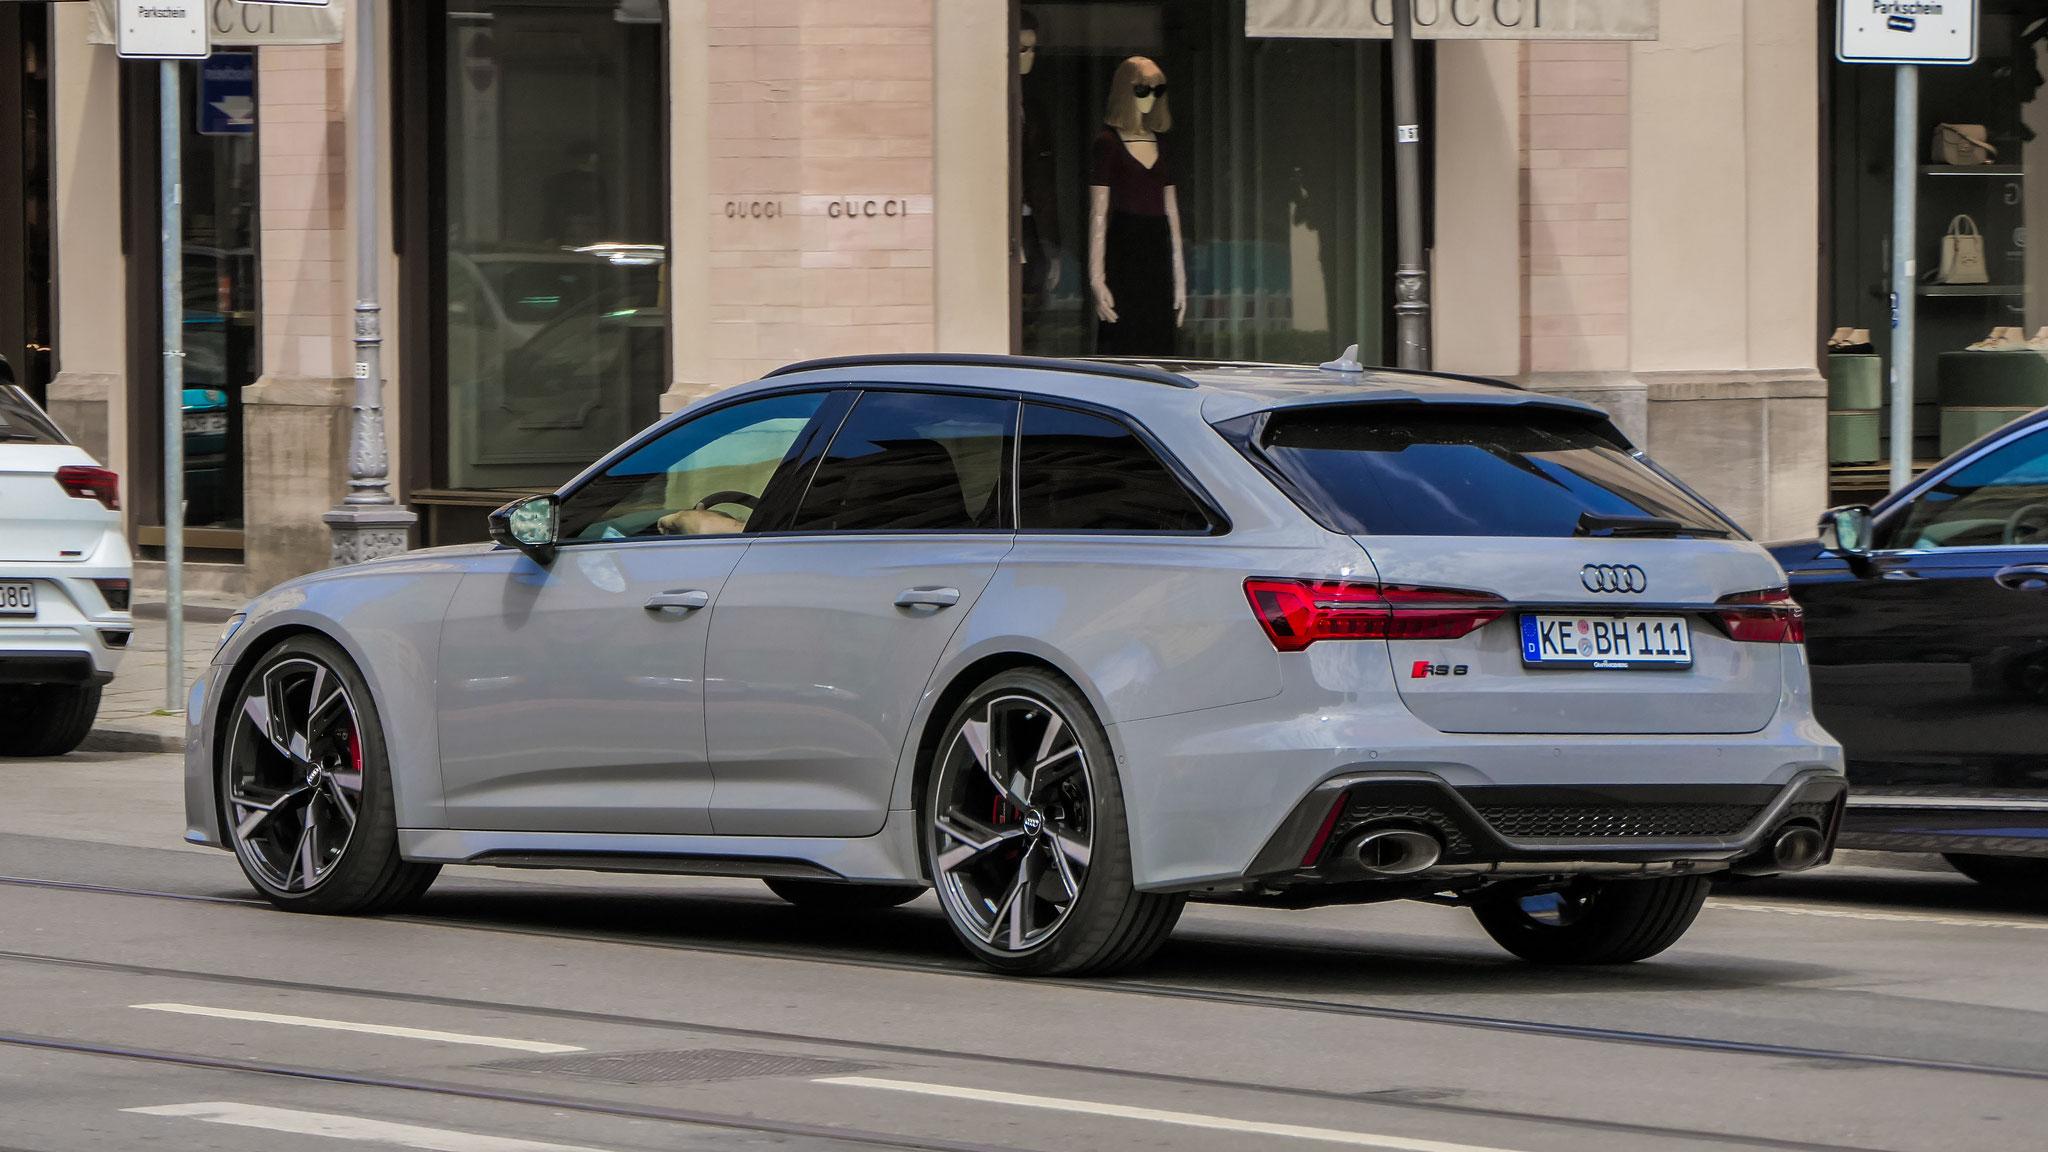 Audi RS6 - KE-BH-111